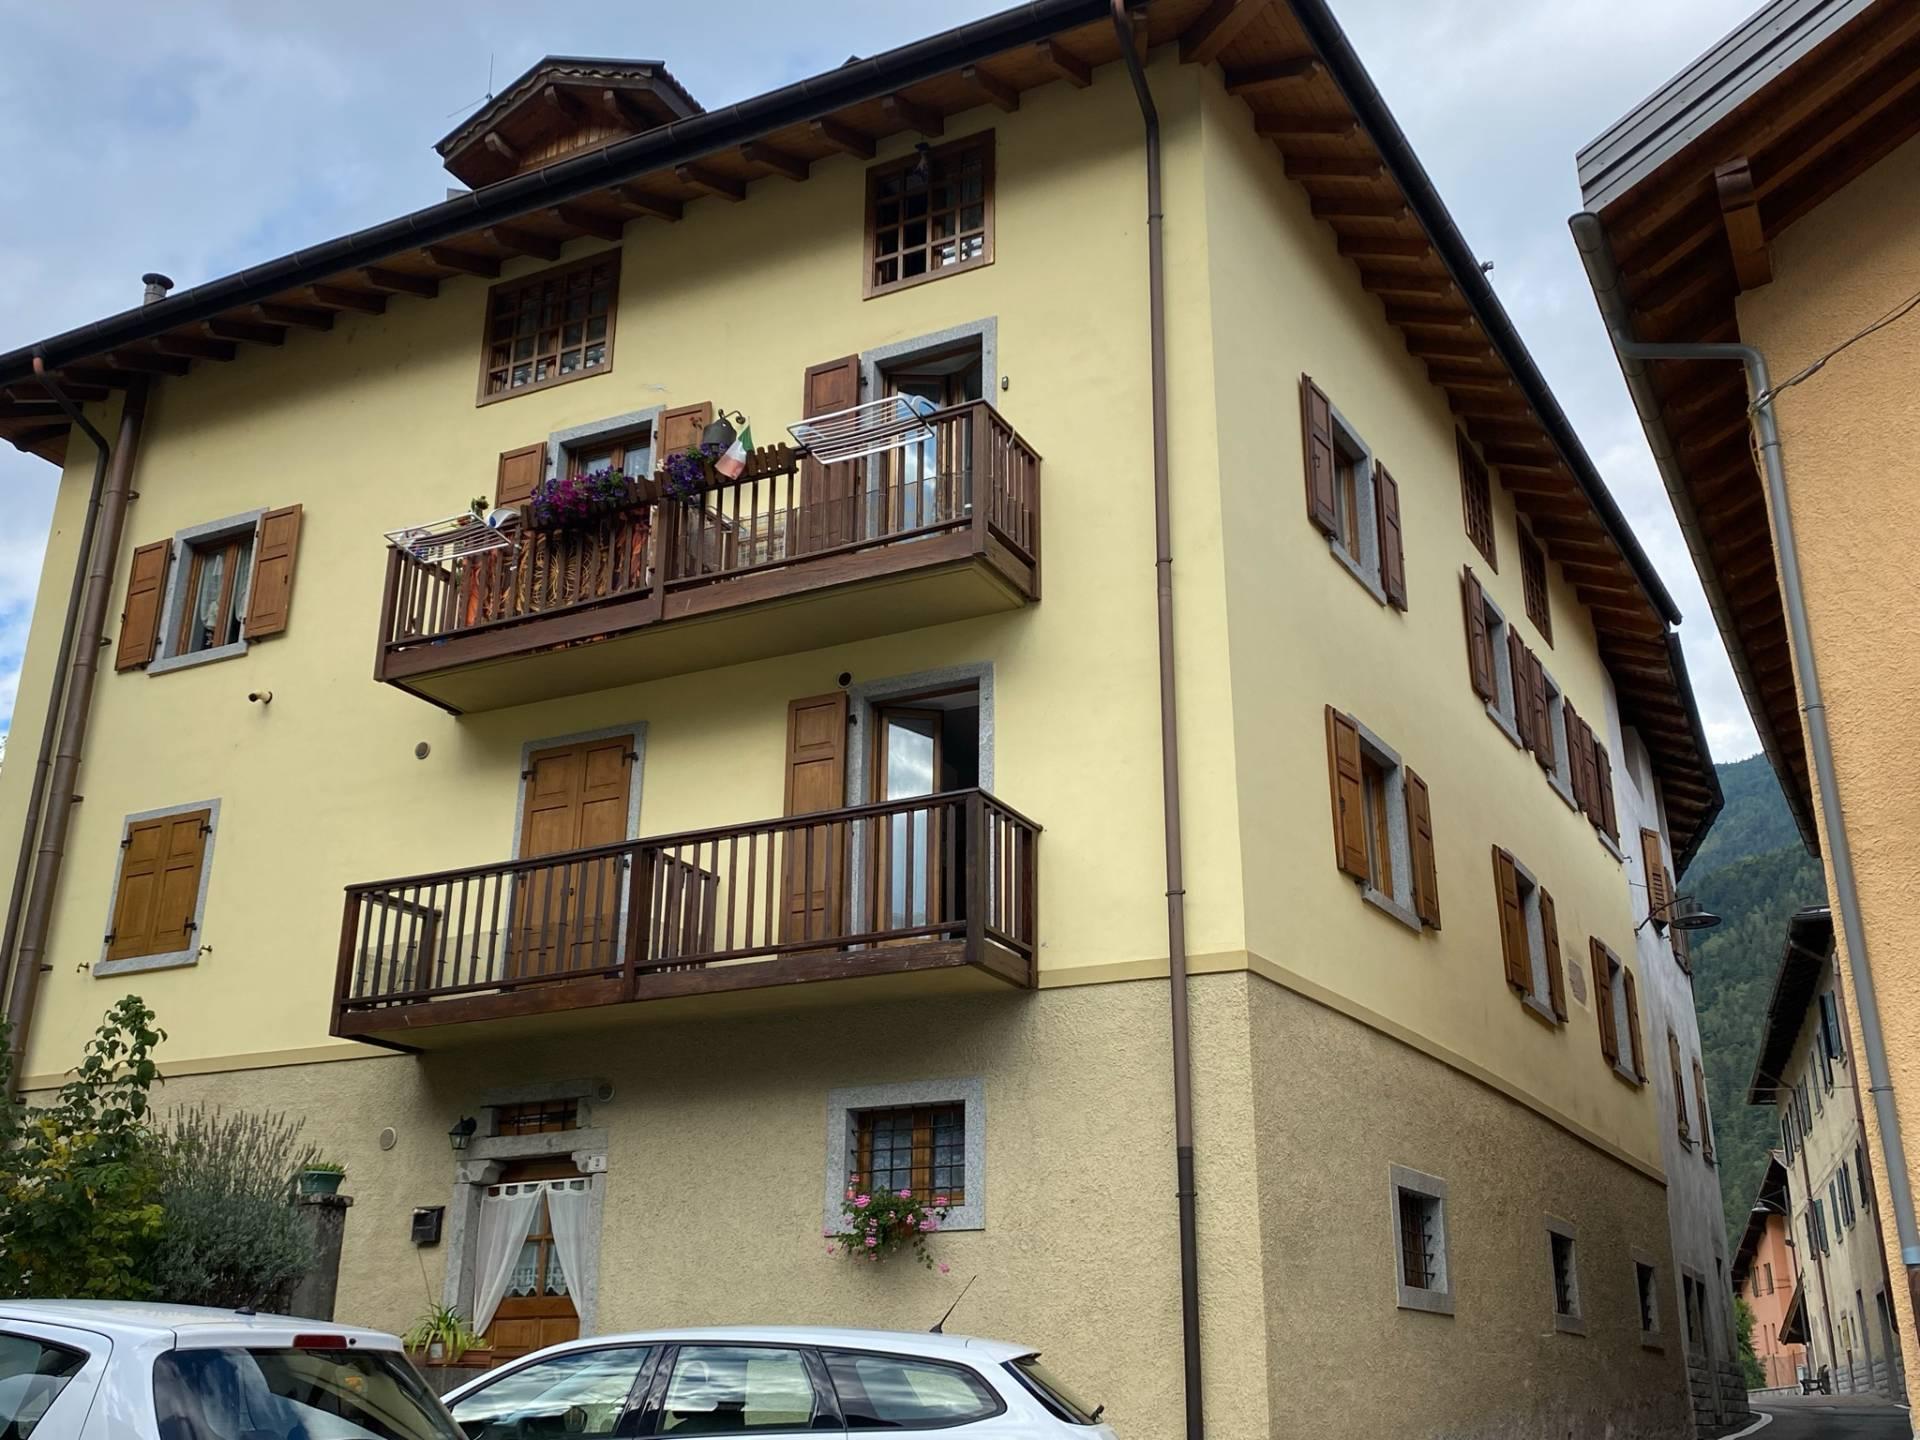 Attico / Mansarda in vendita a Pelugo, 4 locali, prezzo € 240.000 | CambioCasa.it